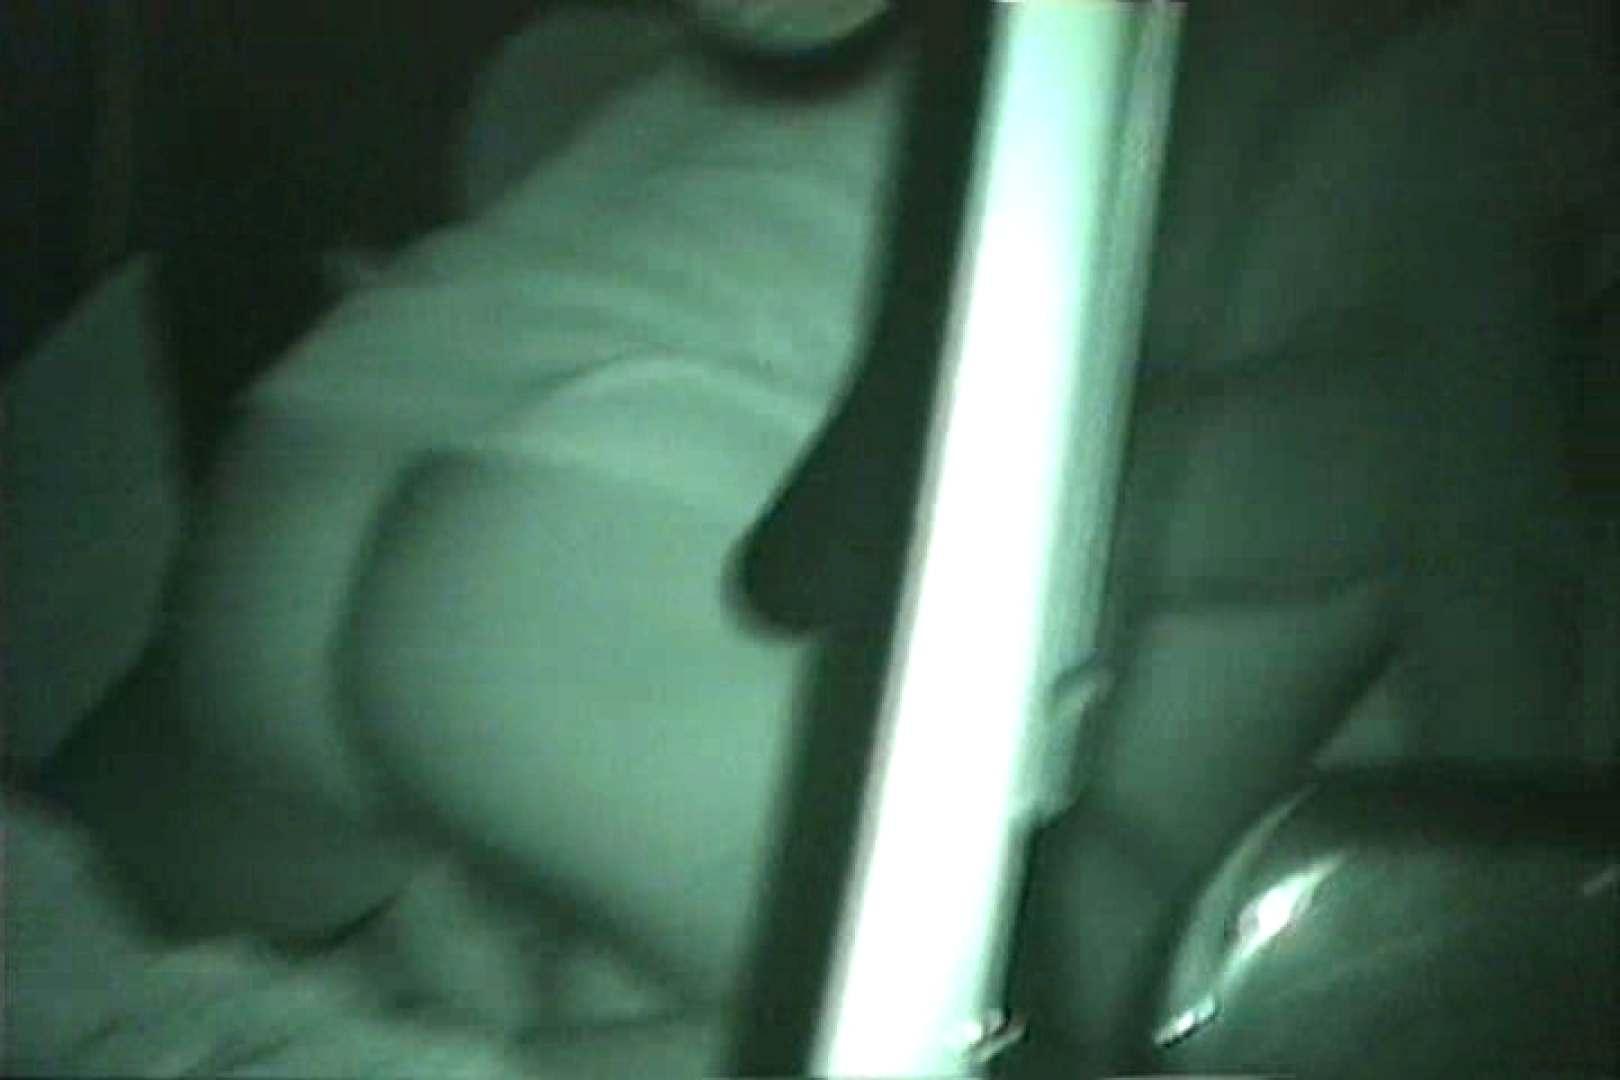 車の中はラブホテル 無修正版  Vol.24 OLセックス | カップル  48画像 17